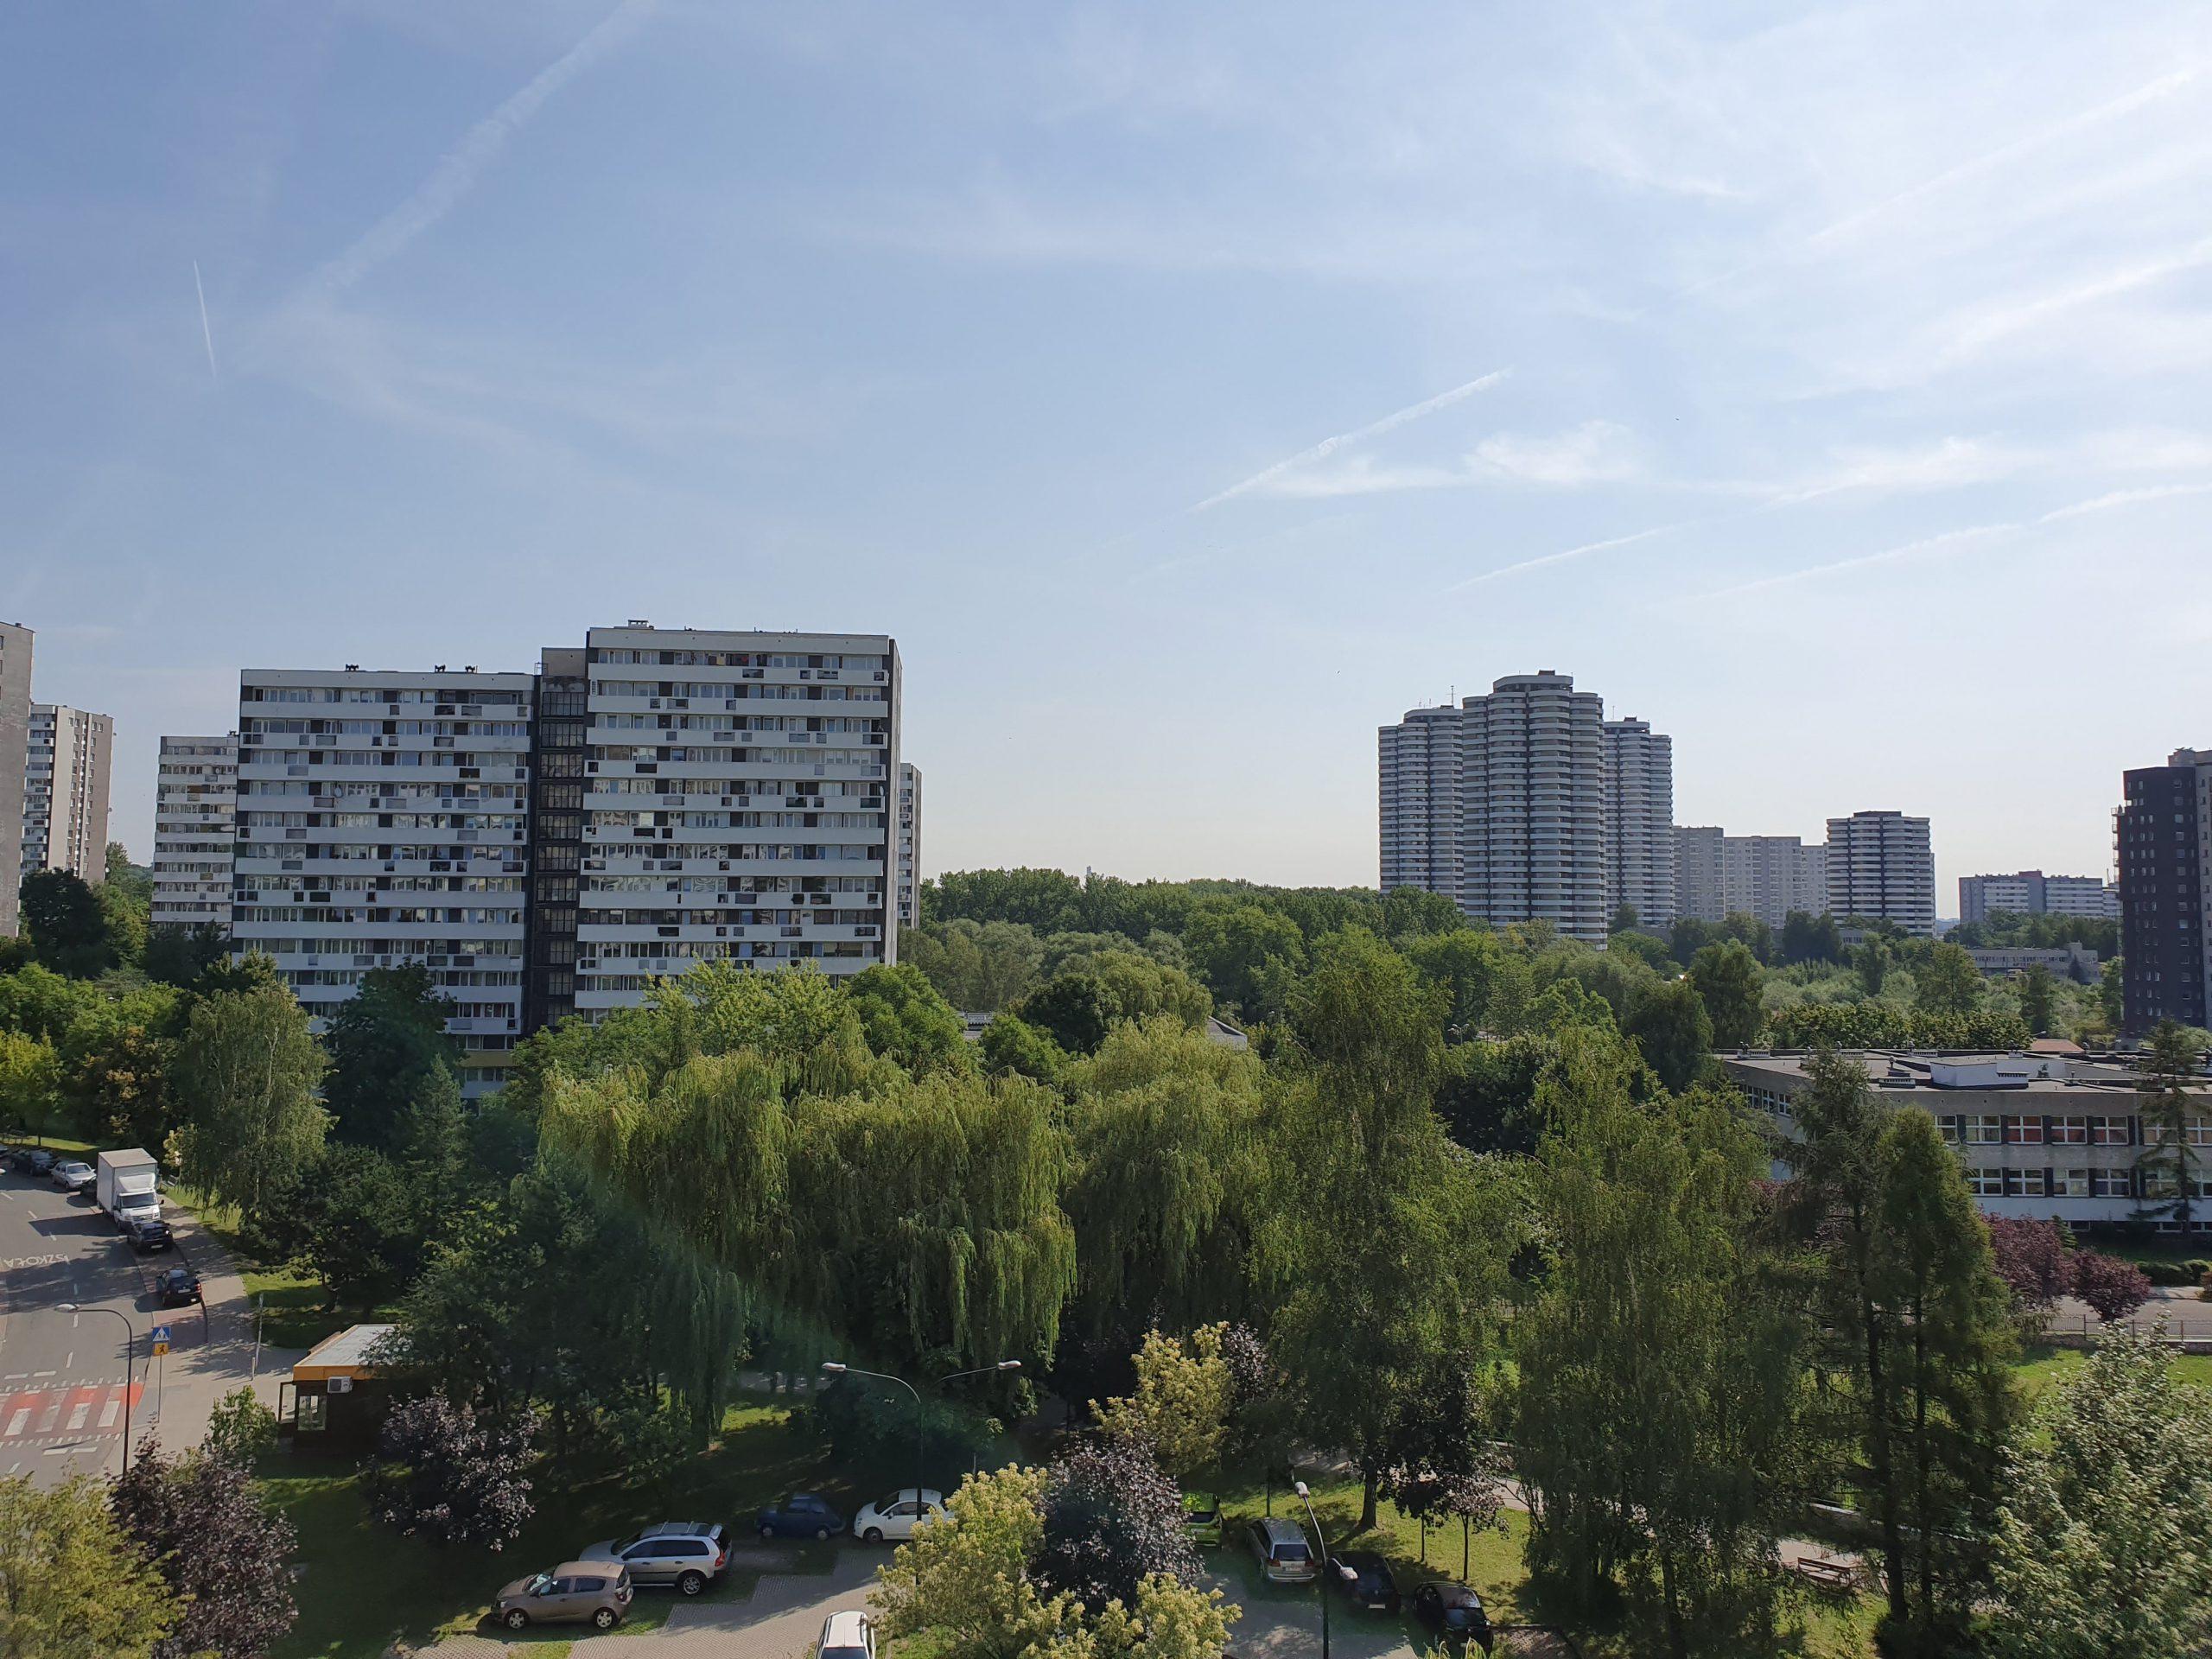 Słoneczna pogoda - Samsung Galaxy S10e